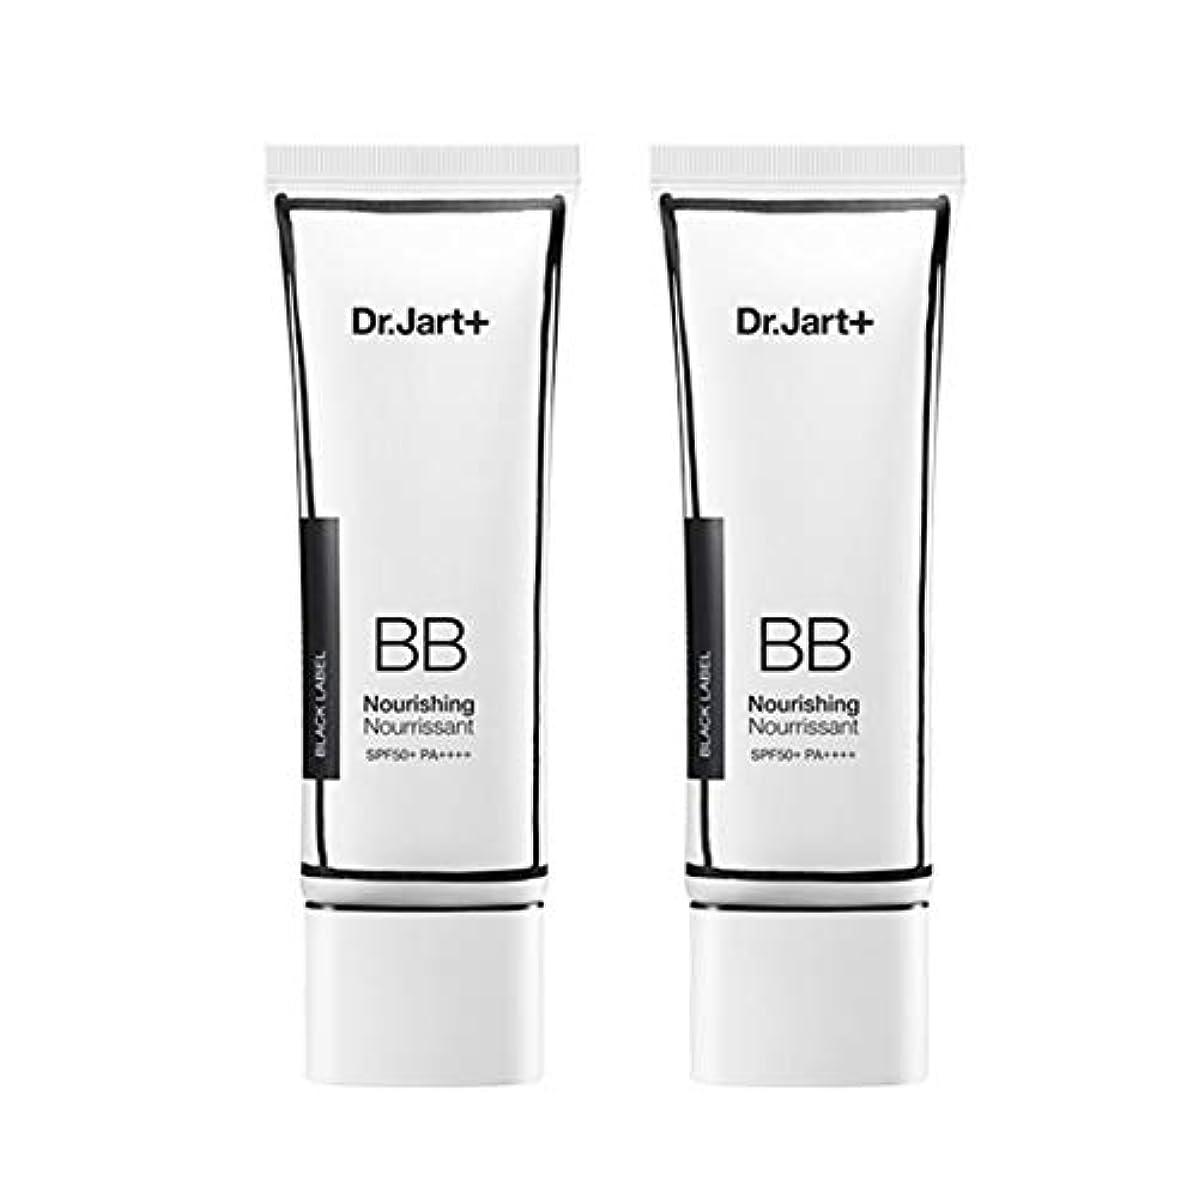 泥棒知覚夜明けにドクタージャルトゥザメイクアップノリシンビューティーbalm 50ml x 2本セットBBクリーム、Dr.Jart Dermakeup Nourishing Beauty Balm 50ml x 2ea Set BB Cream...